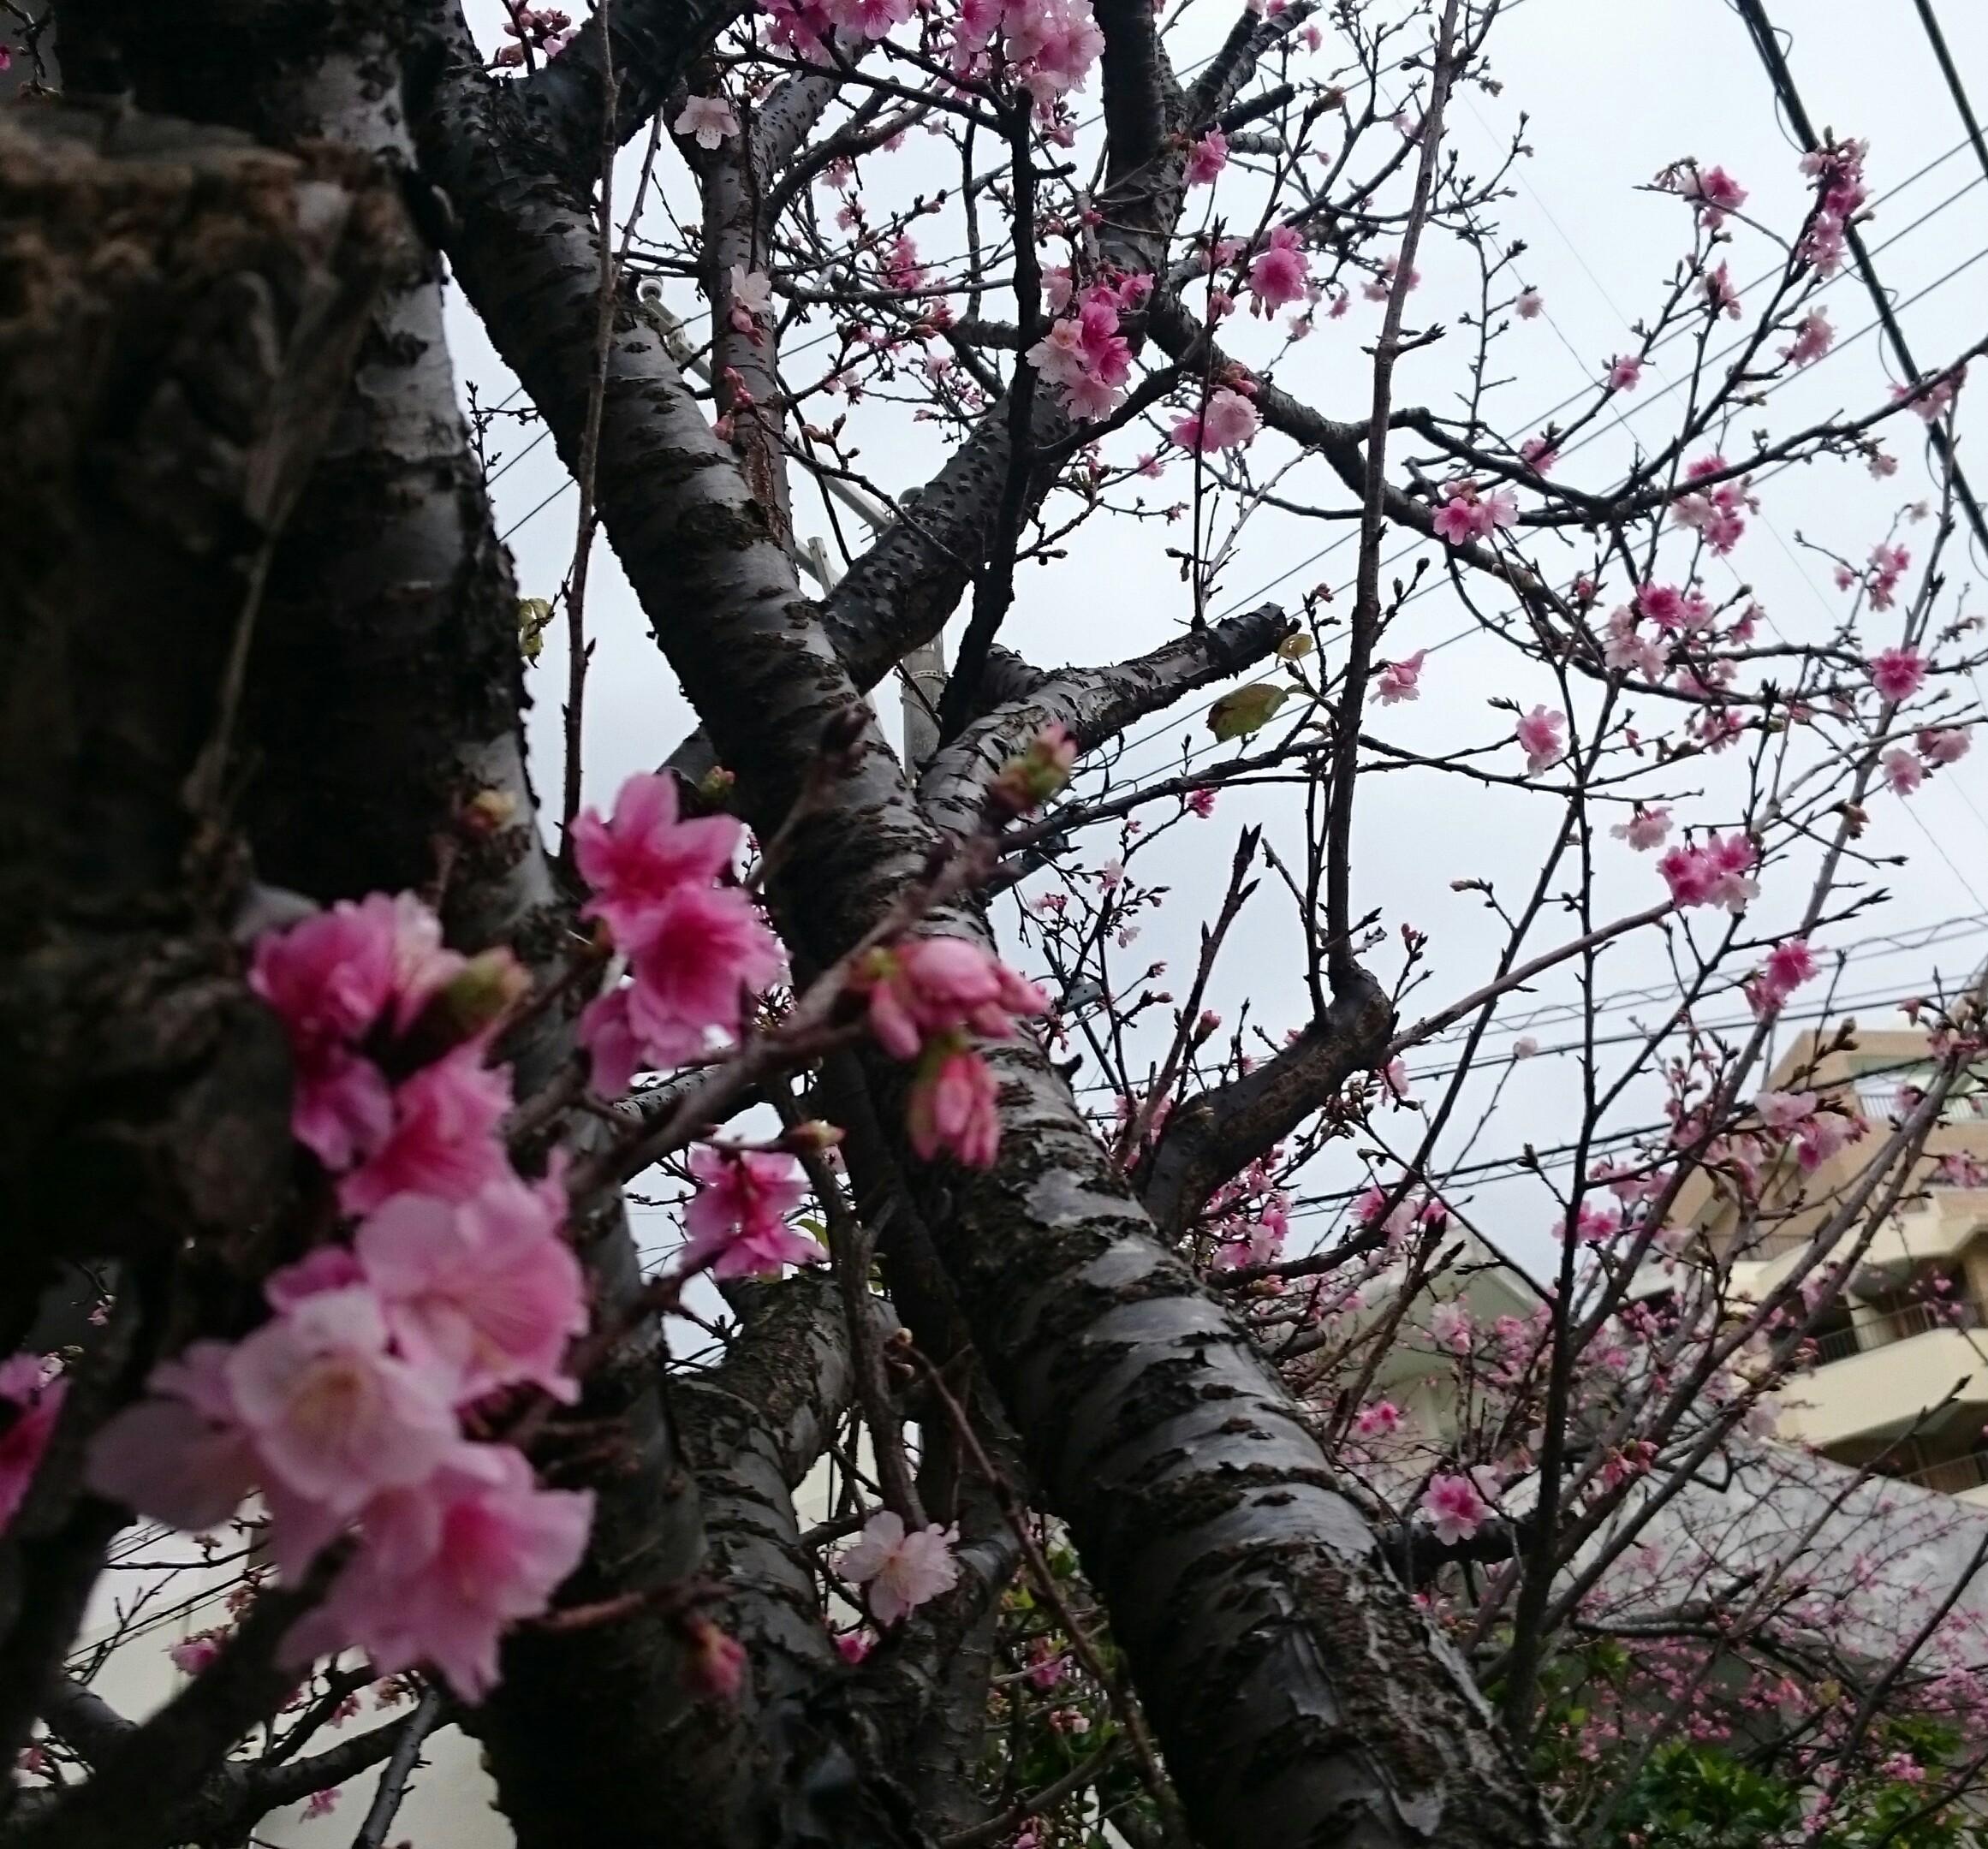 ヒカンザクラ 那覇 ランチ松花堂